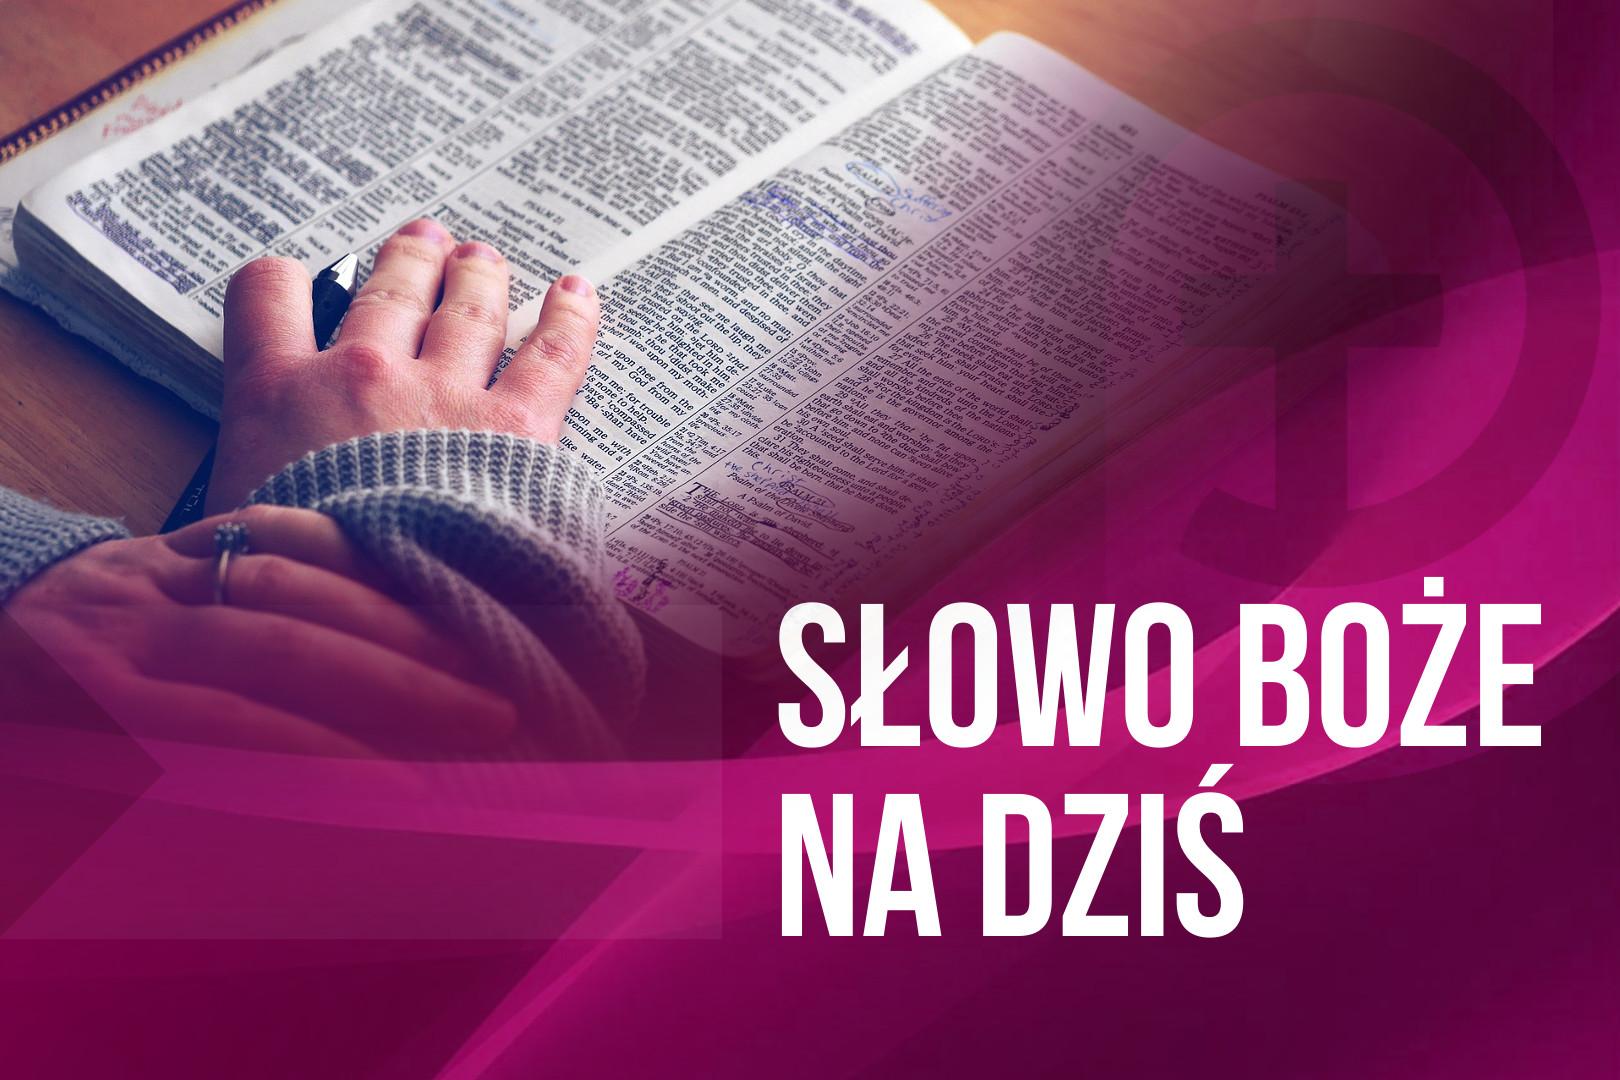 slowoboze